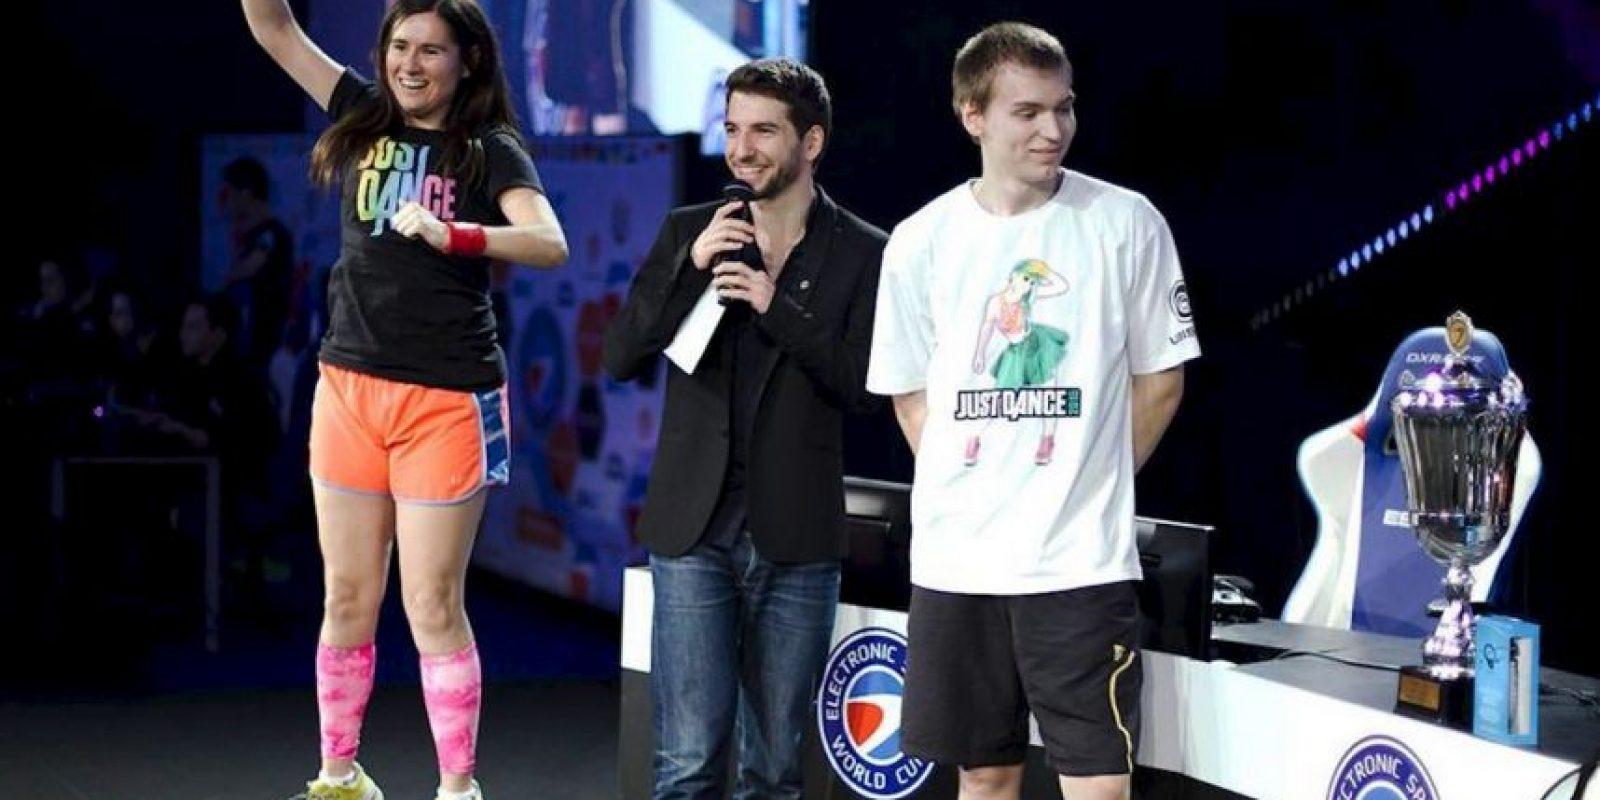 Se convirtió así en la única persona en el mundo en mantener un récord mundial de maratón en los tres más populares juegos de baile que son: Foto:facebook.com/pages/Carrie-Swidecki/